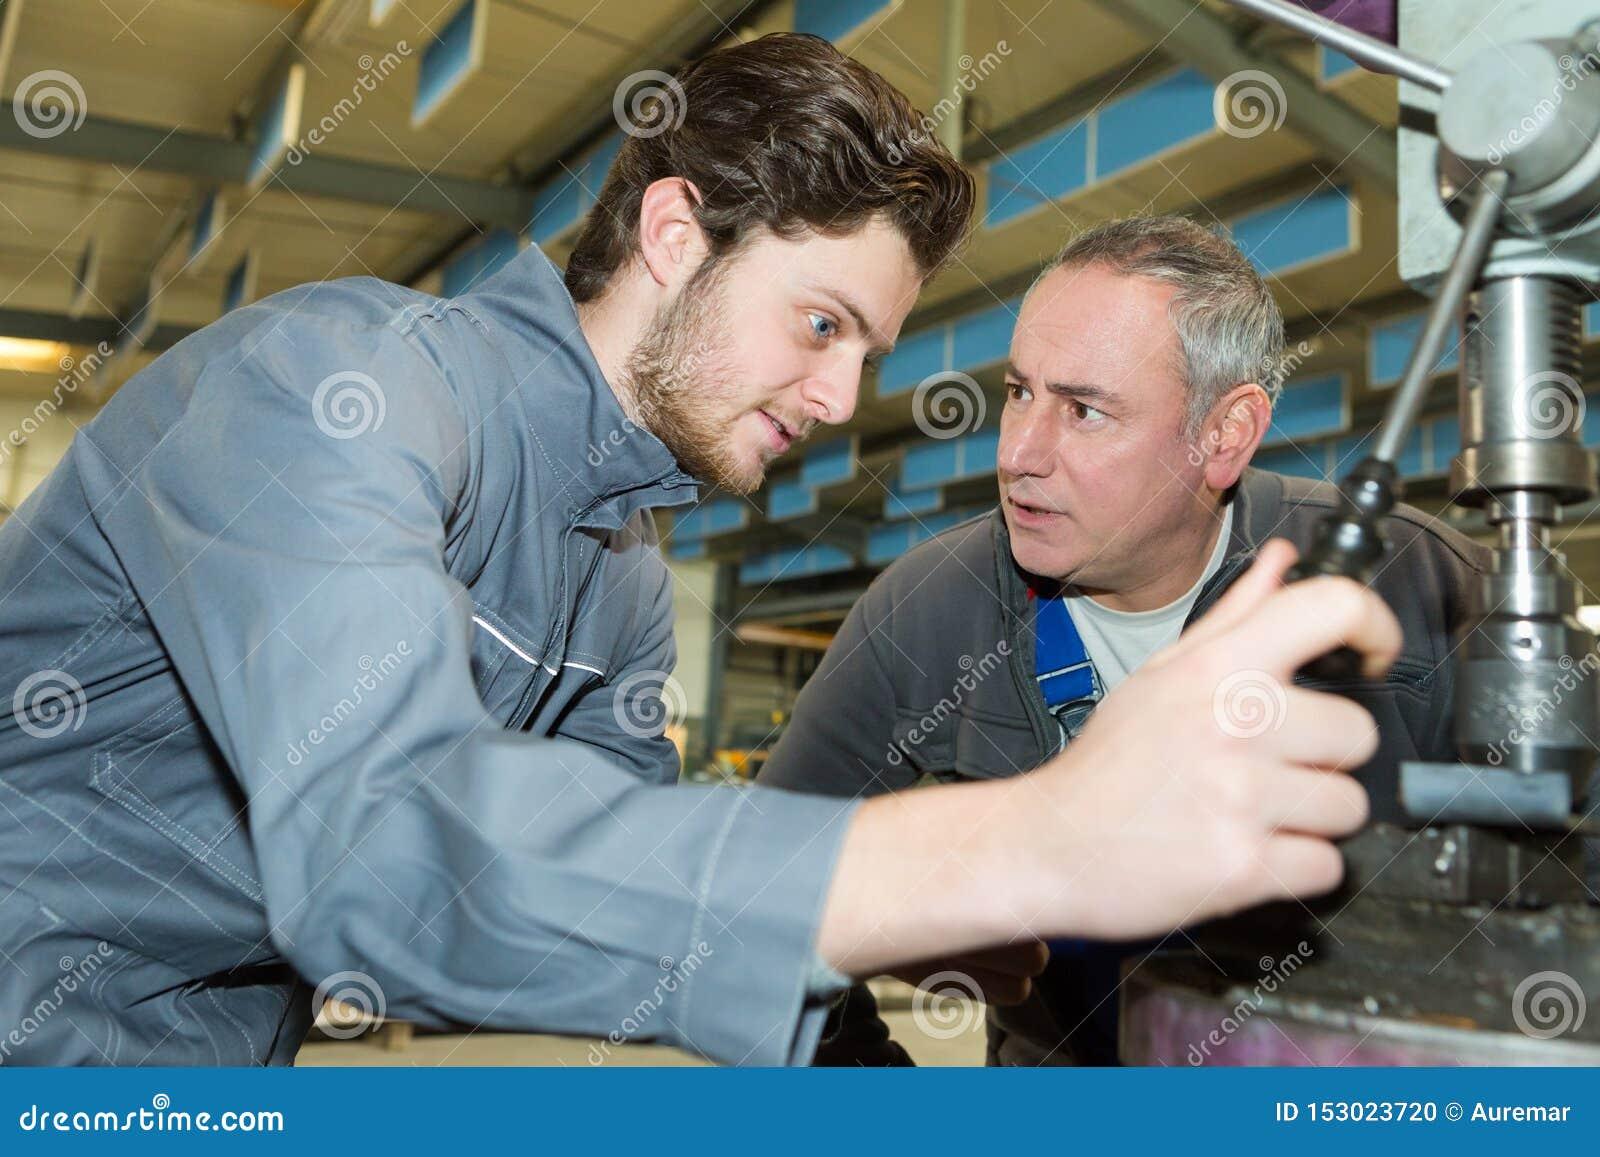 Ingeniero de aprendices trabajando en el piso de fábrica